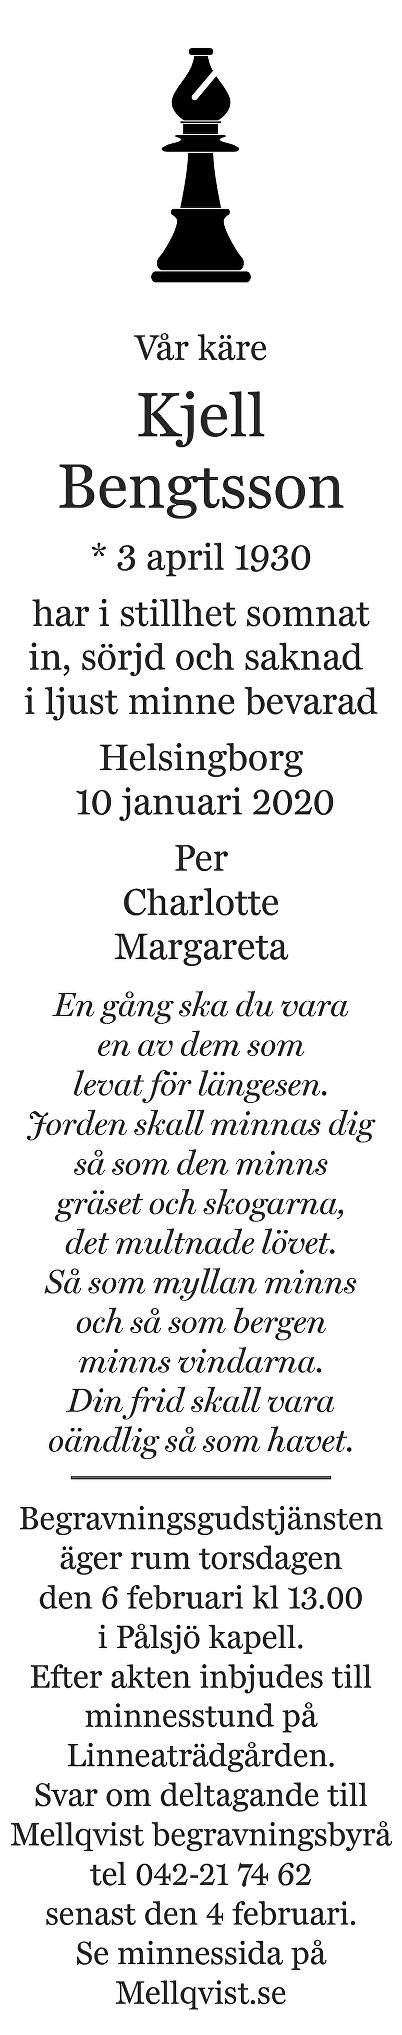 Kjell Bengtsson Death notice